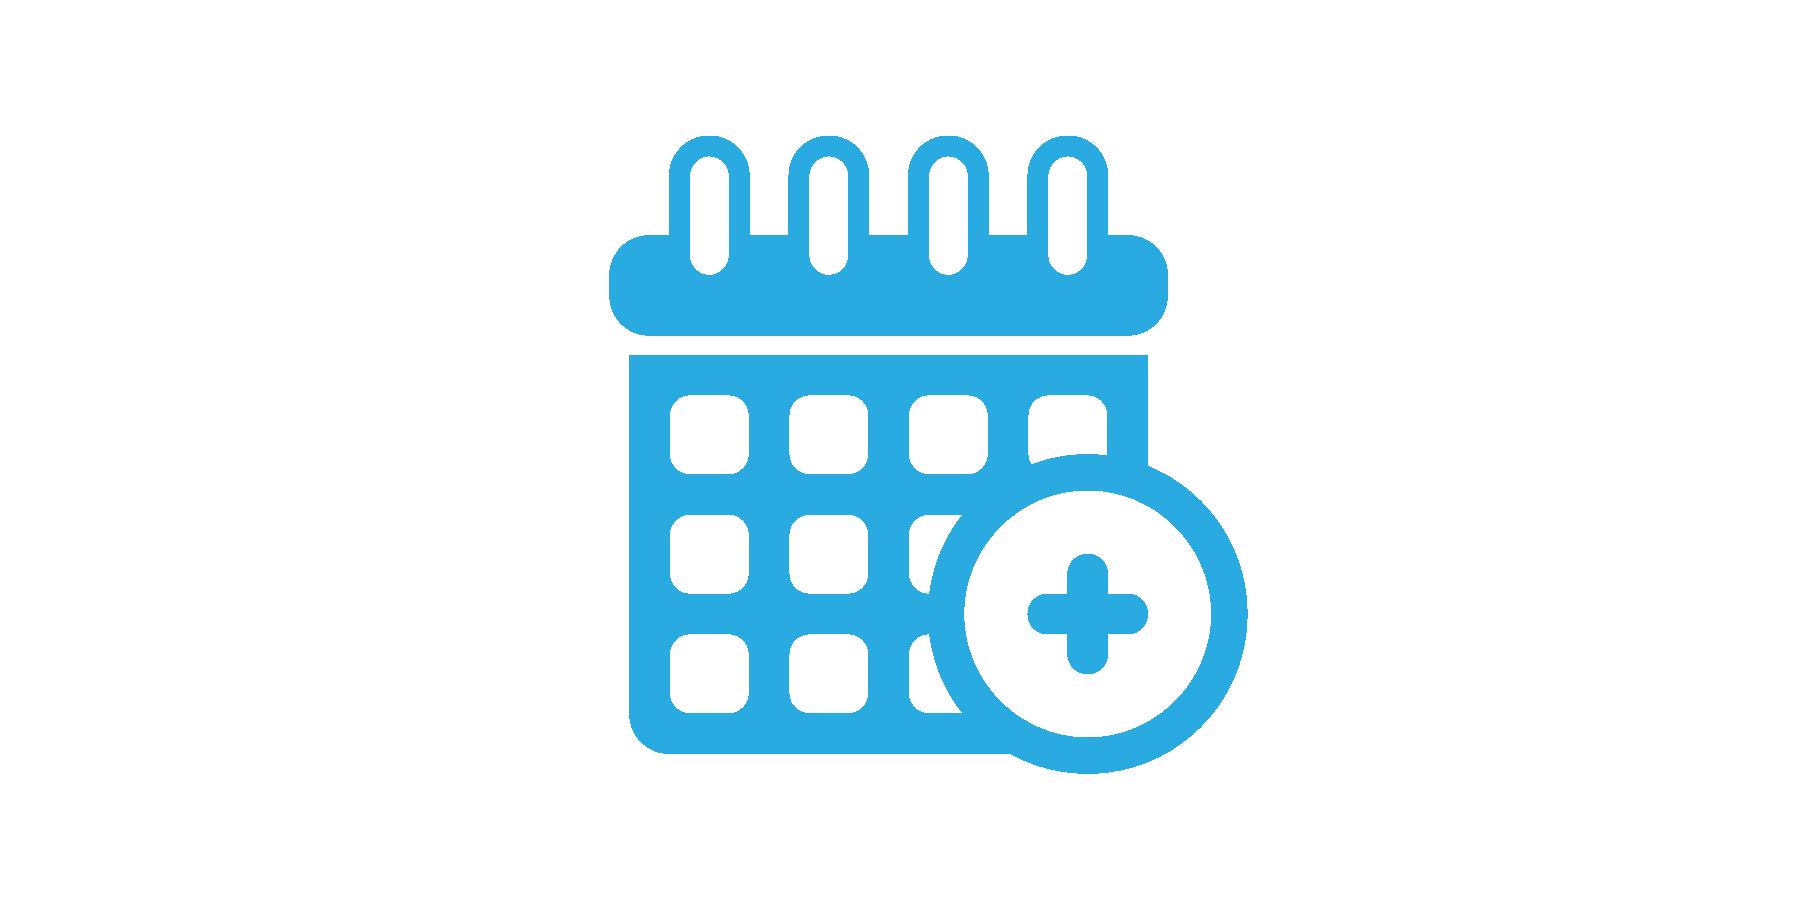 tsu-calendar-icon-01.png